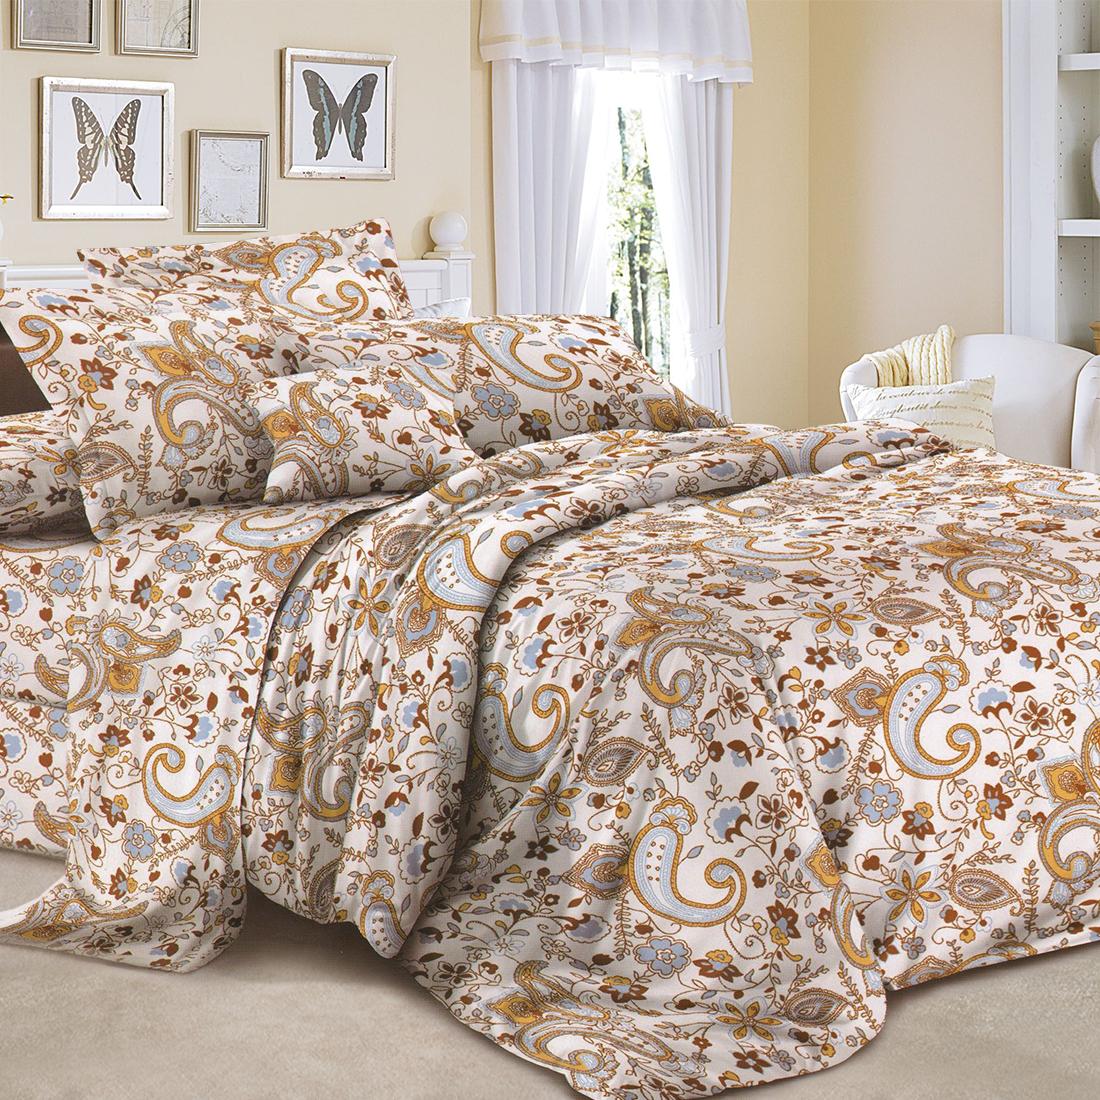 {} Eleganta Постельное белье с одеялом и подушками Domina (2 спал.) domina пемза д ног 81557